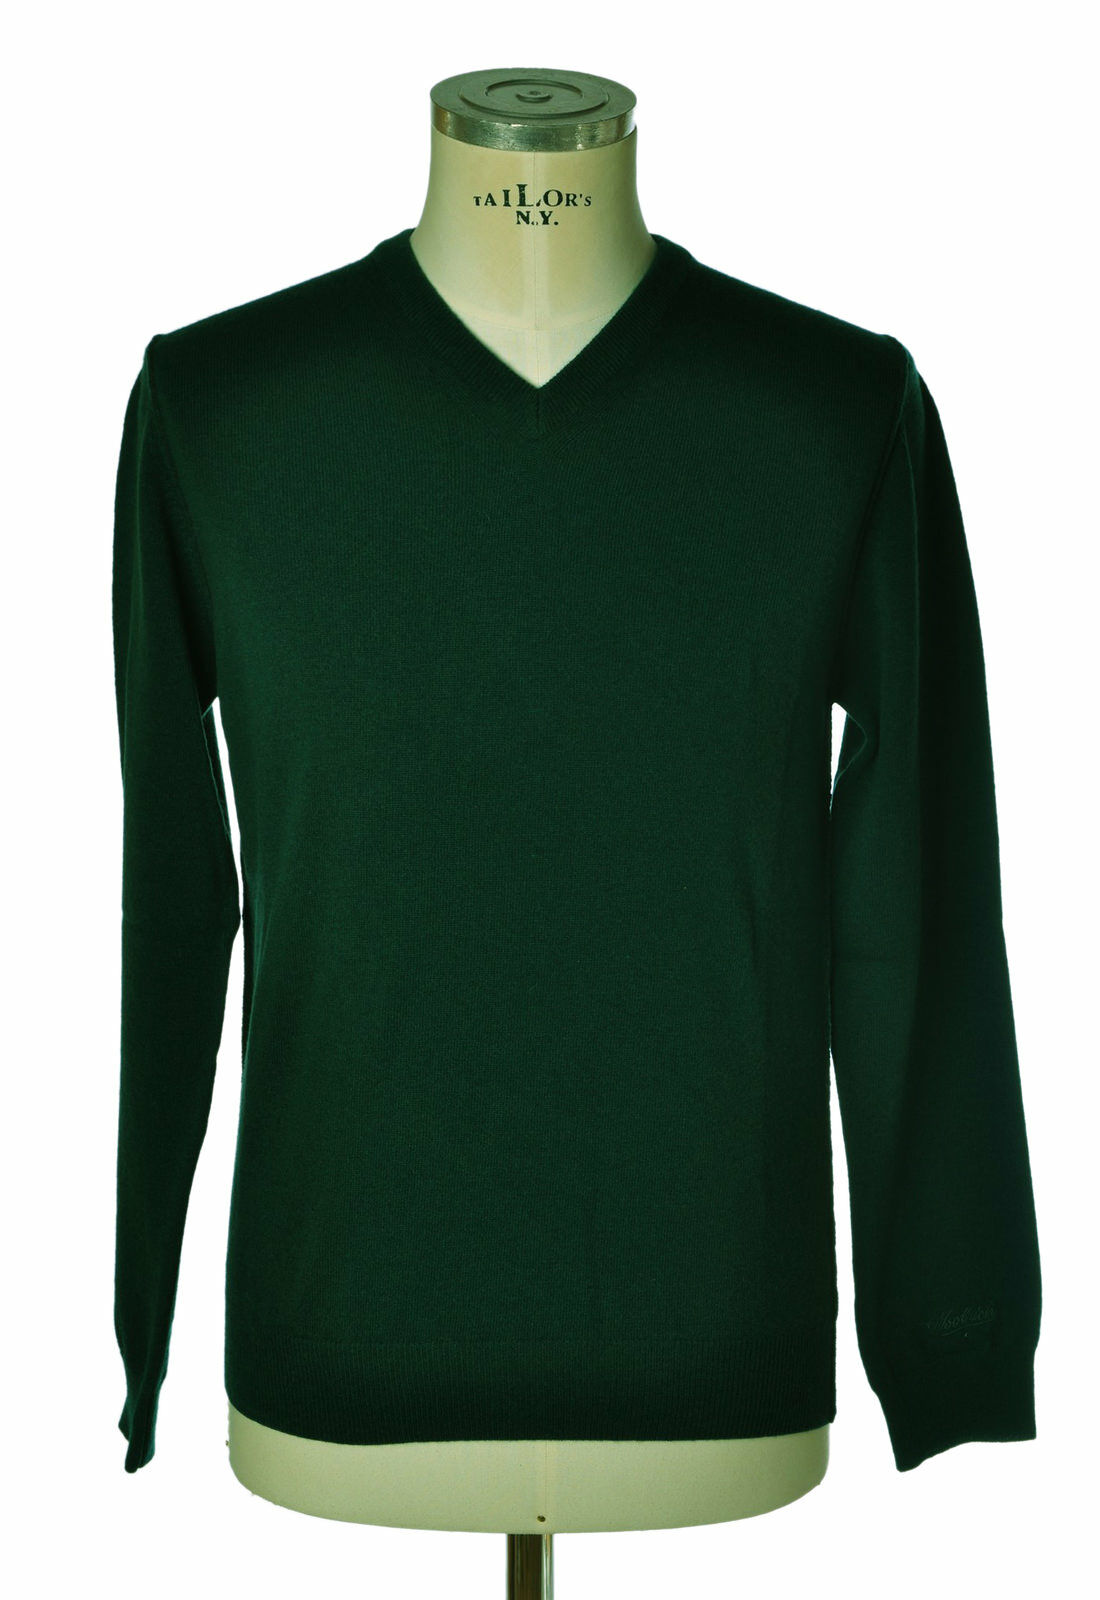 Woolrich - Knitwear-Sweaters - man - Grün - 733017C184937